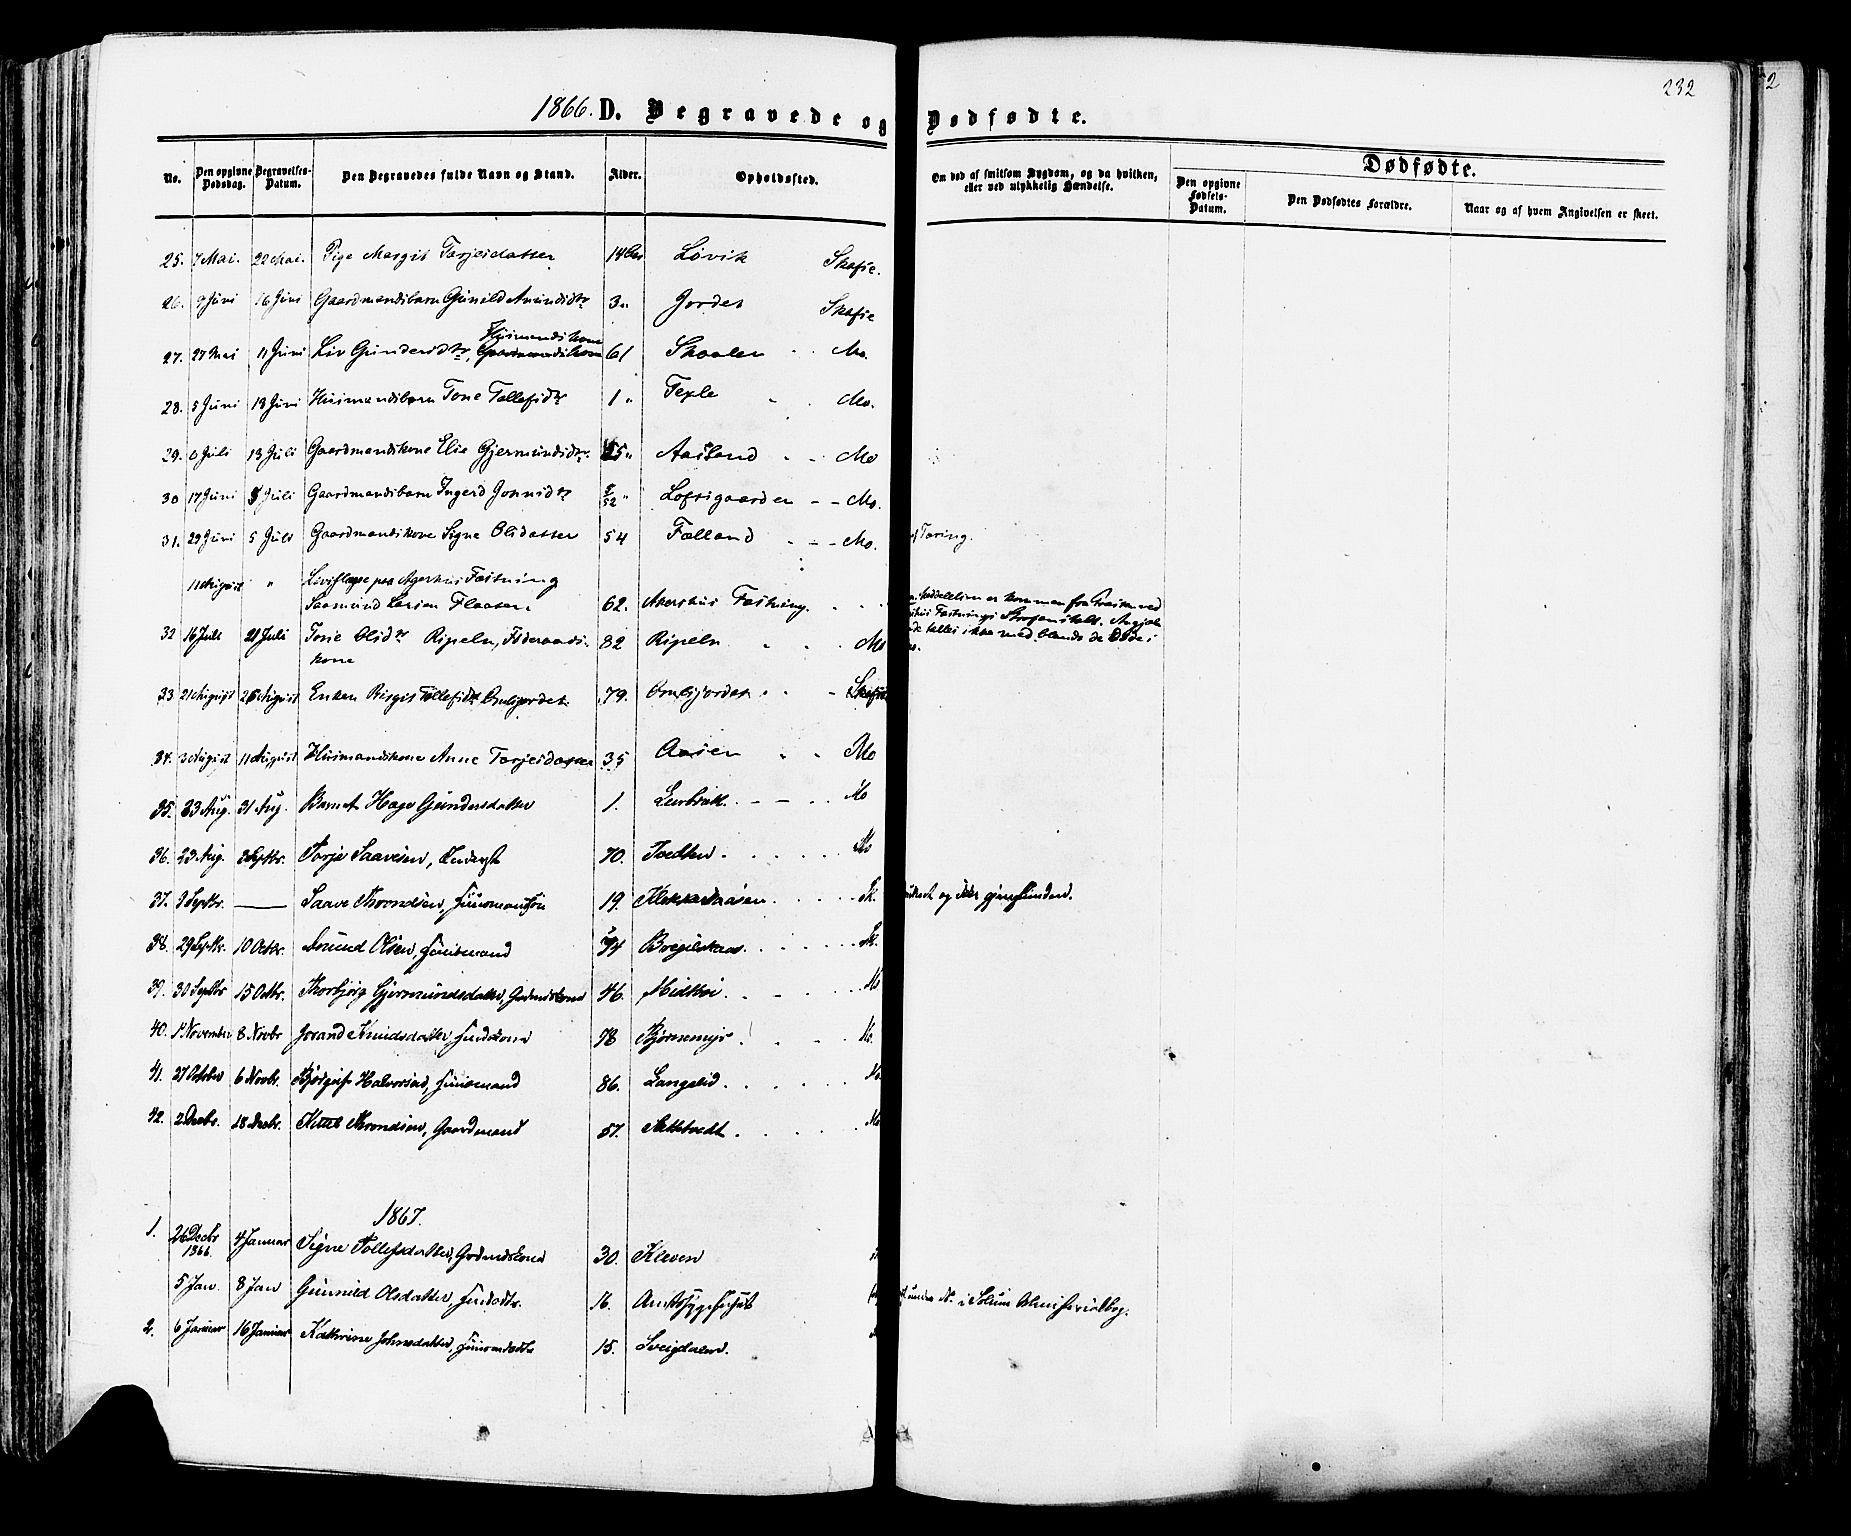 SAKO, Mo kirkebøker, F/Fa/L0006: Ministerialbok nr. I 6, 1865-1885, s. 232